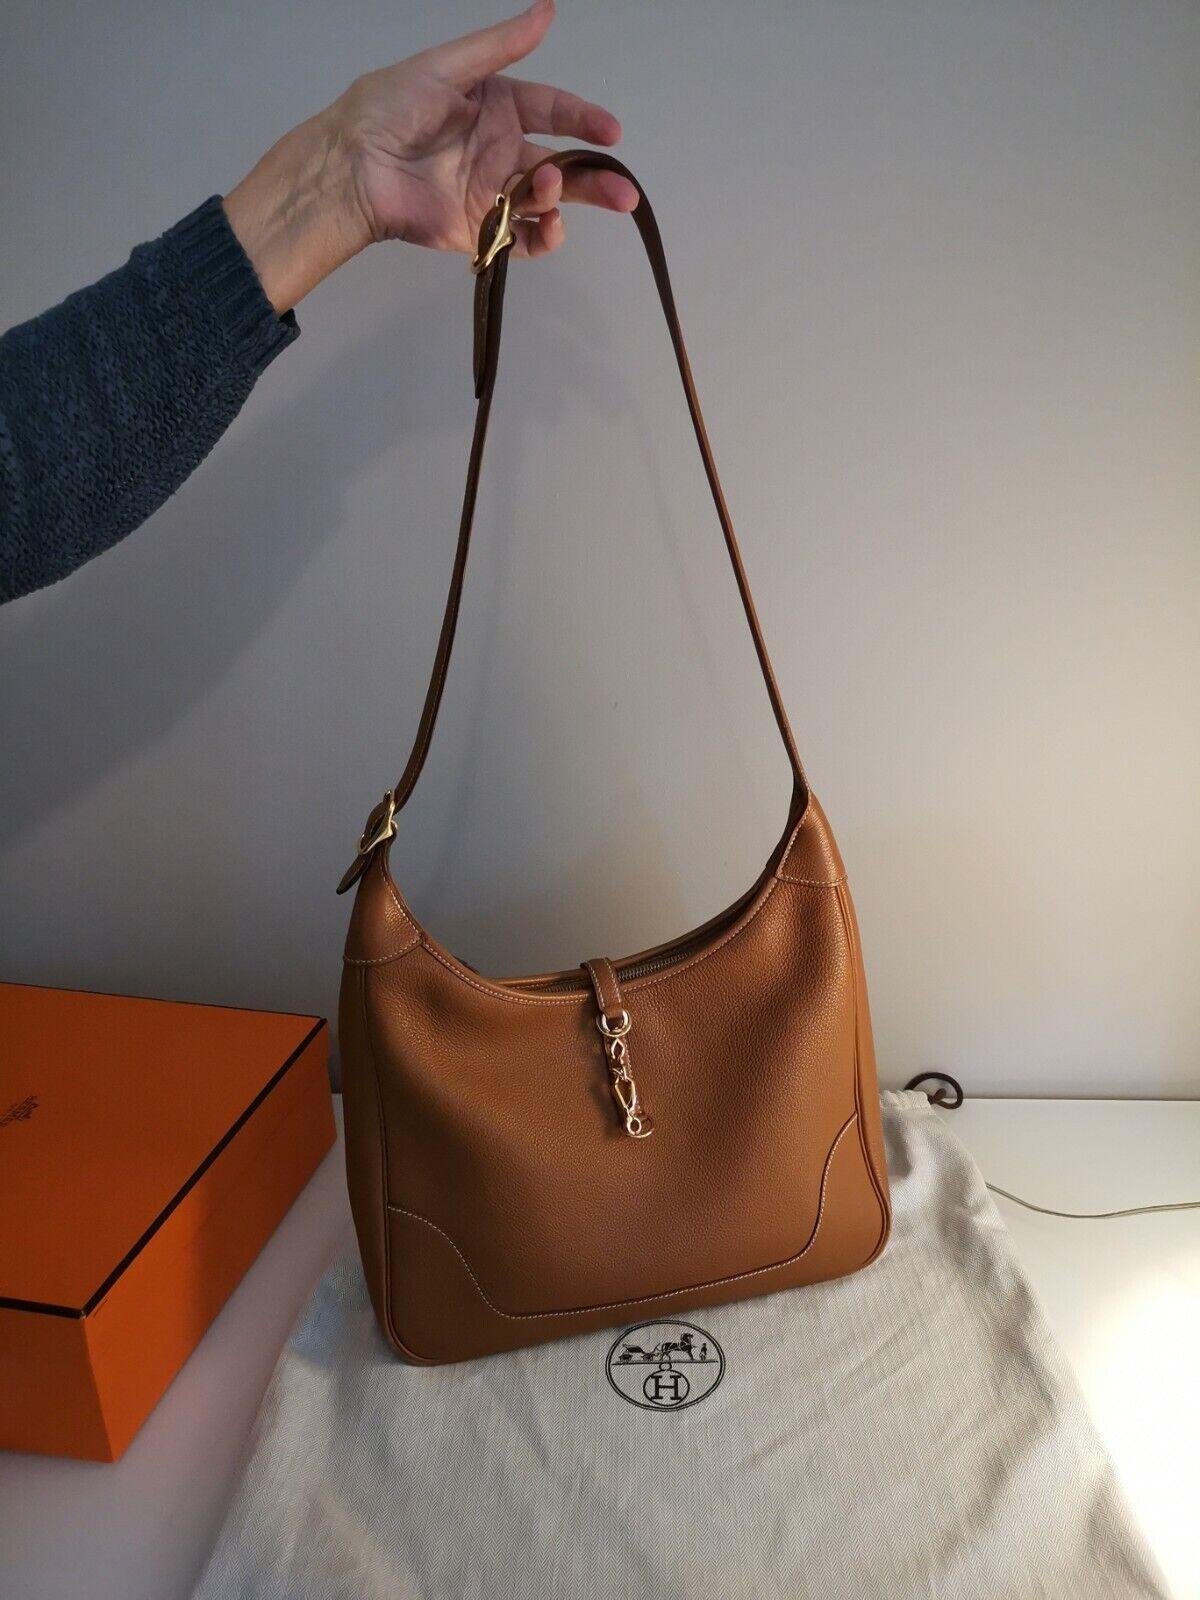 Authentique sac a main hermes trim 31 cm cuir grainé gold